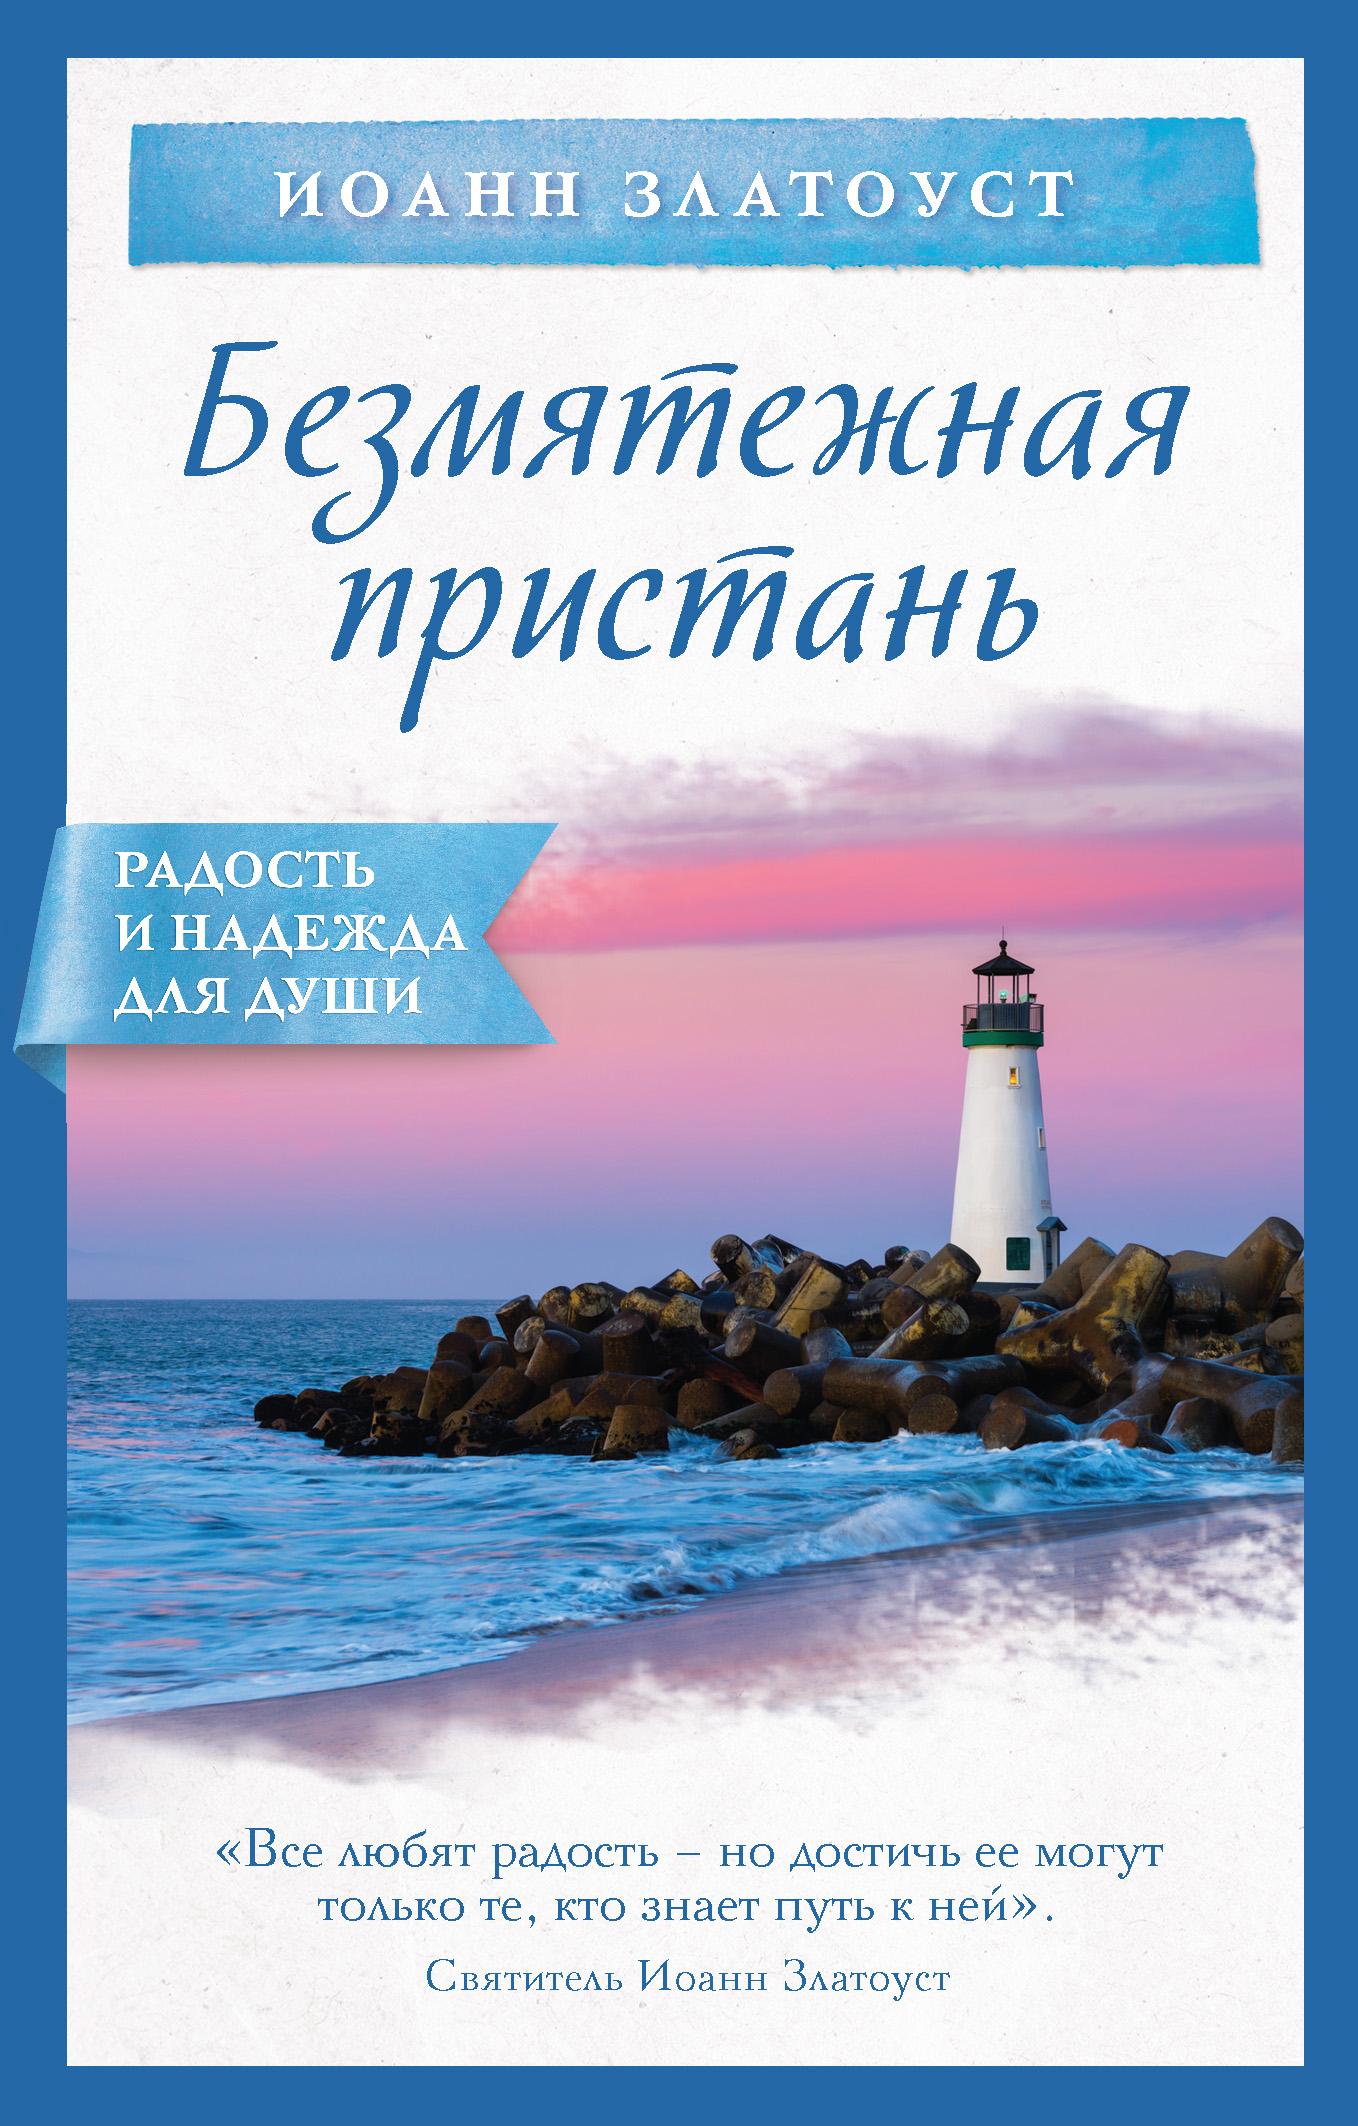 Святитель Иоанн Златоуст, Ирина Булгакова «Безмятежная пристань»